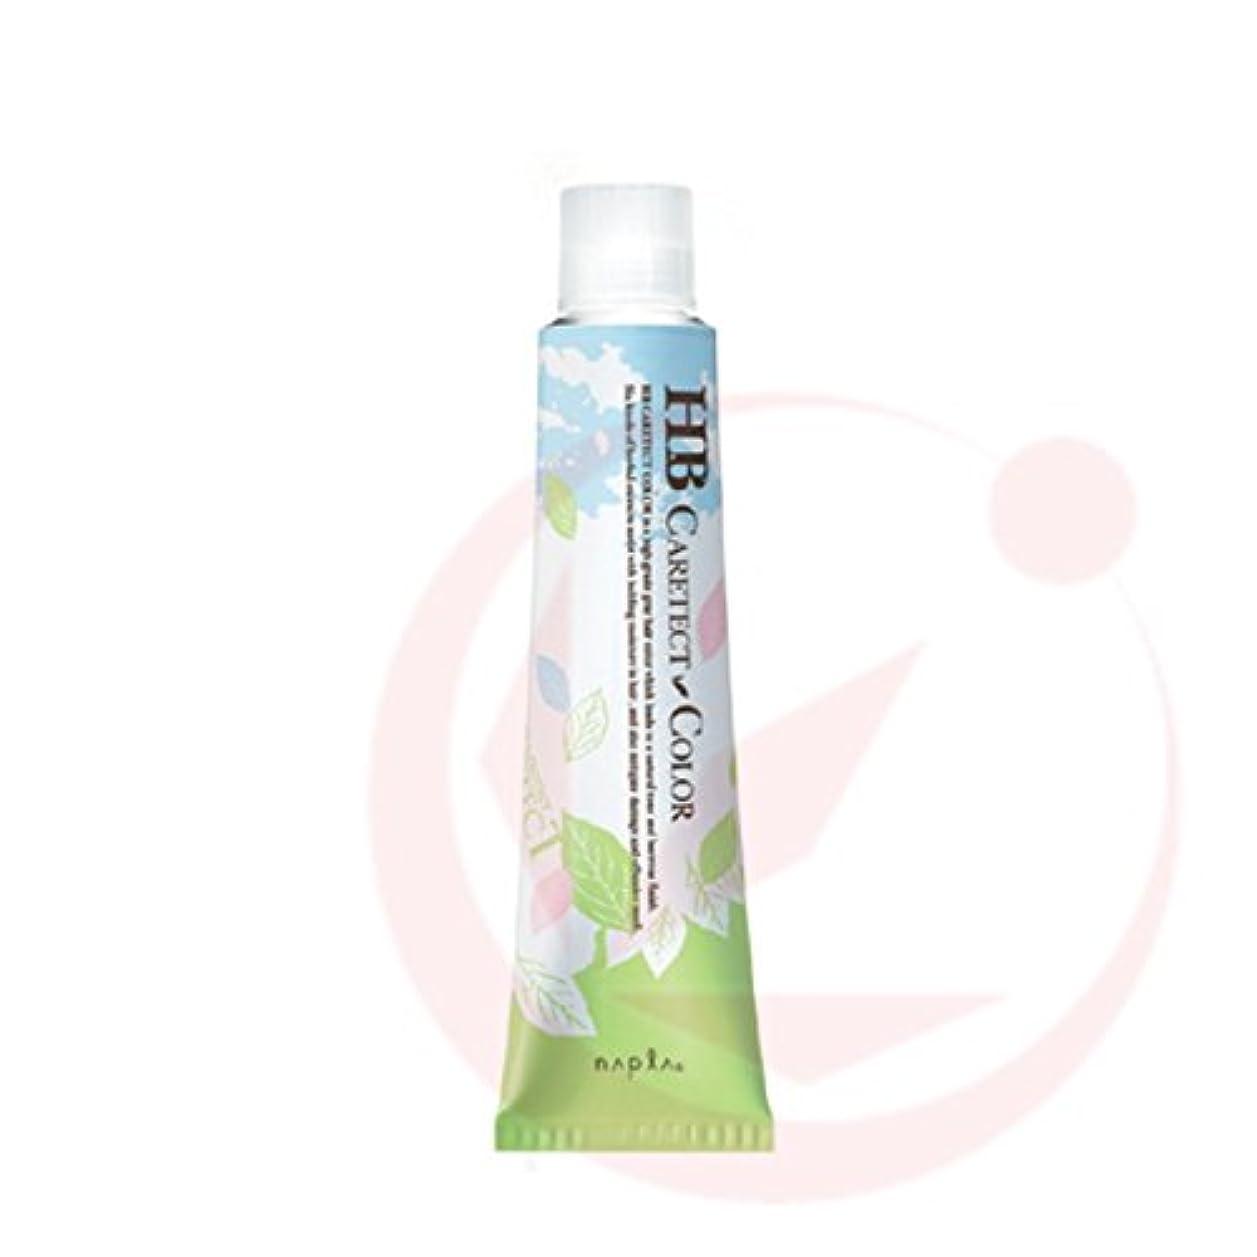 花瓶ライオンいつナプラ ケアテクトHB カラー グレイファッション ナチュラルブラウン 80g(1剤) 【ナチュラルブラウン】C-9NB